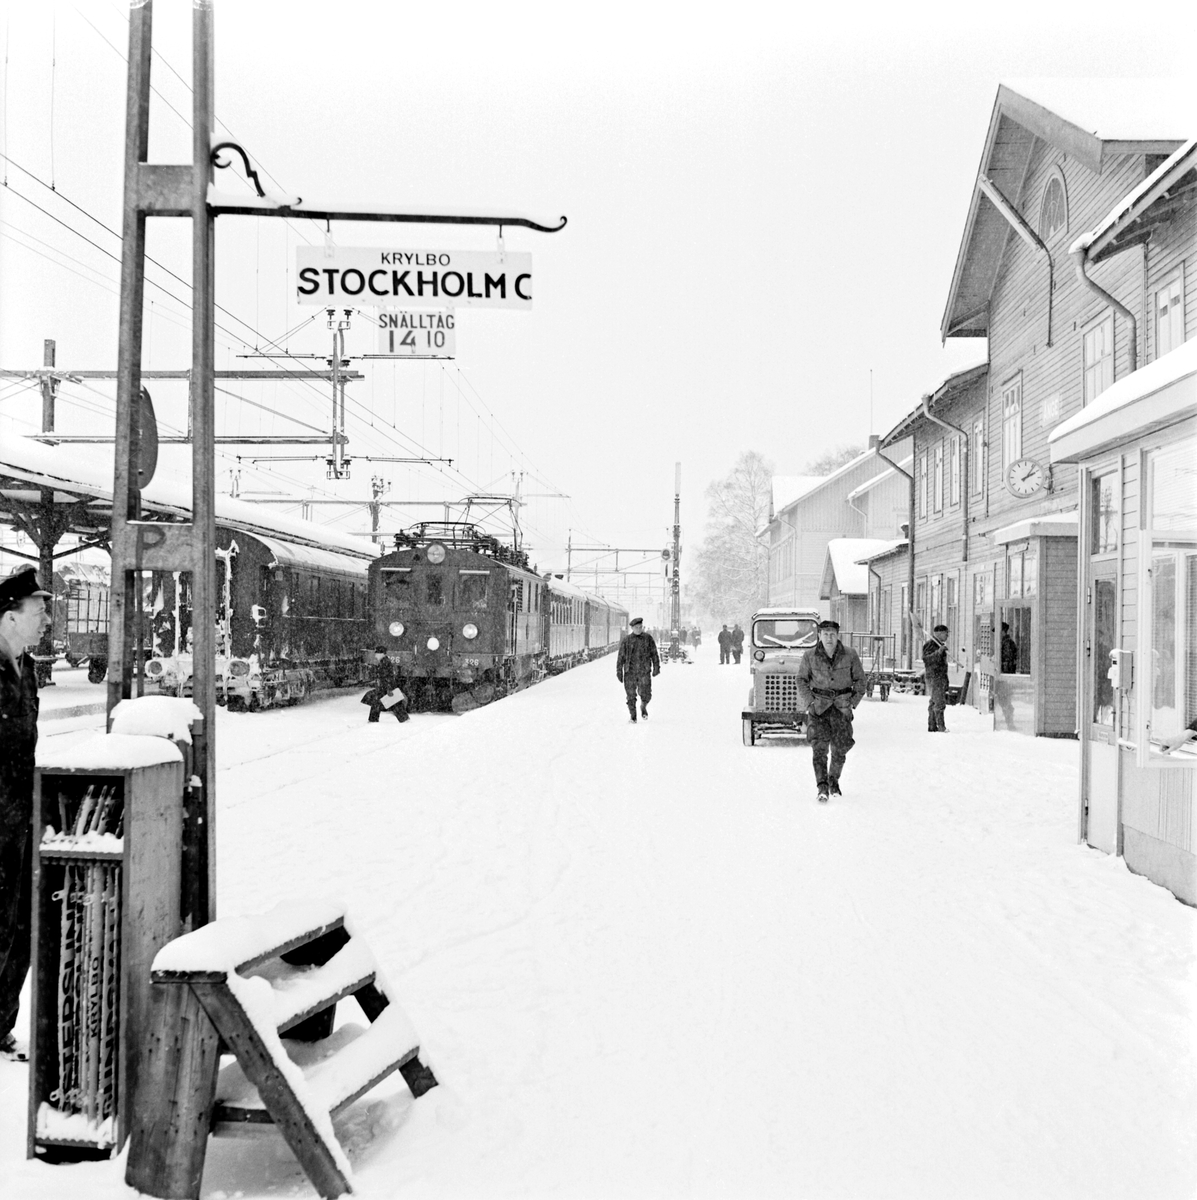 Snälltåg 14,10 Krylbo-Stockholm C